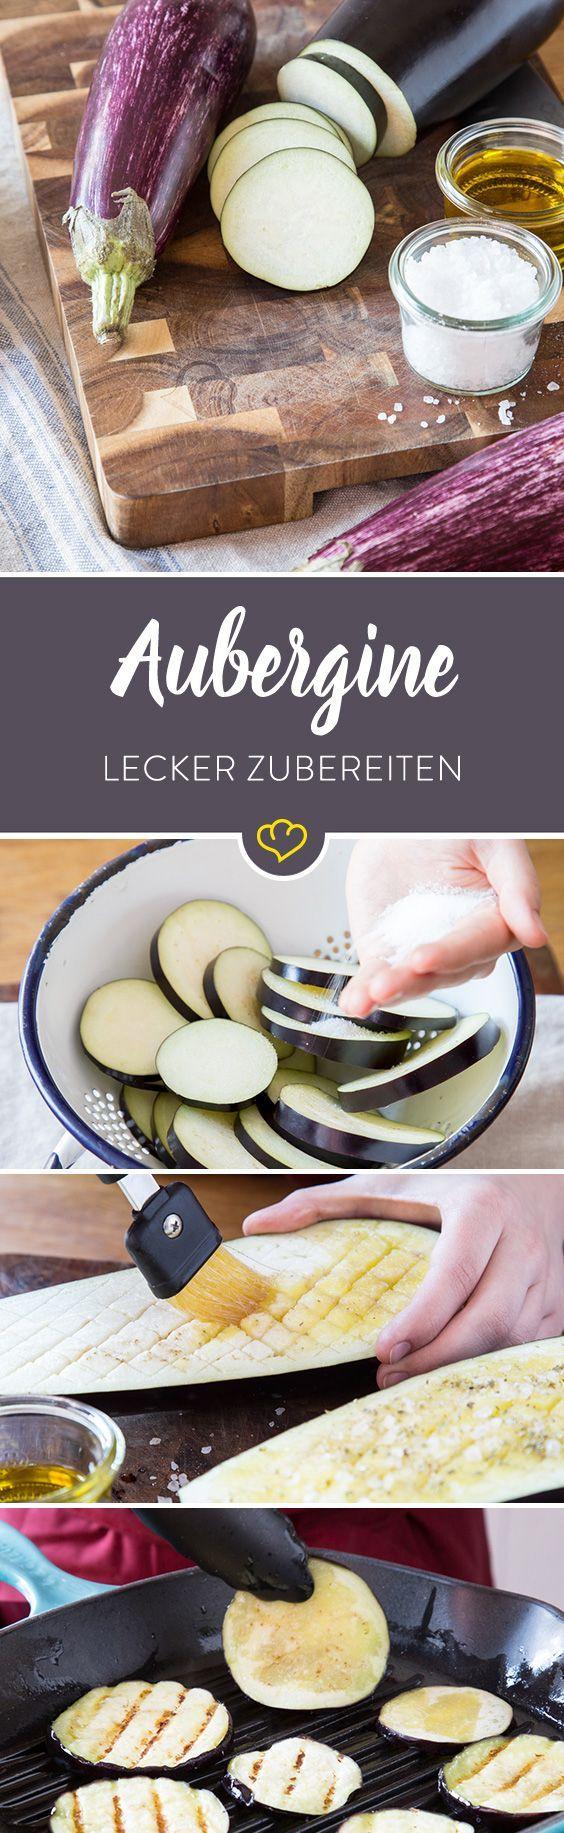 Aubergine ist langweilig? Völliger Quatsch: Mit diesen Tipps zur Lagerung und Verarbeitung sowie 8 Methoden der Zubereitung, wird sie richtig lecker.